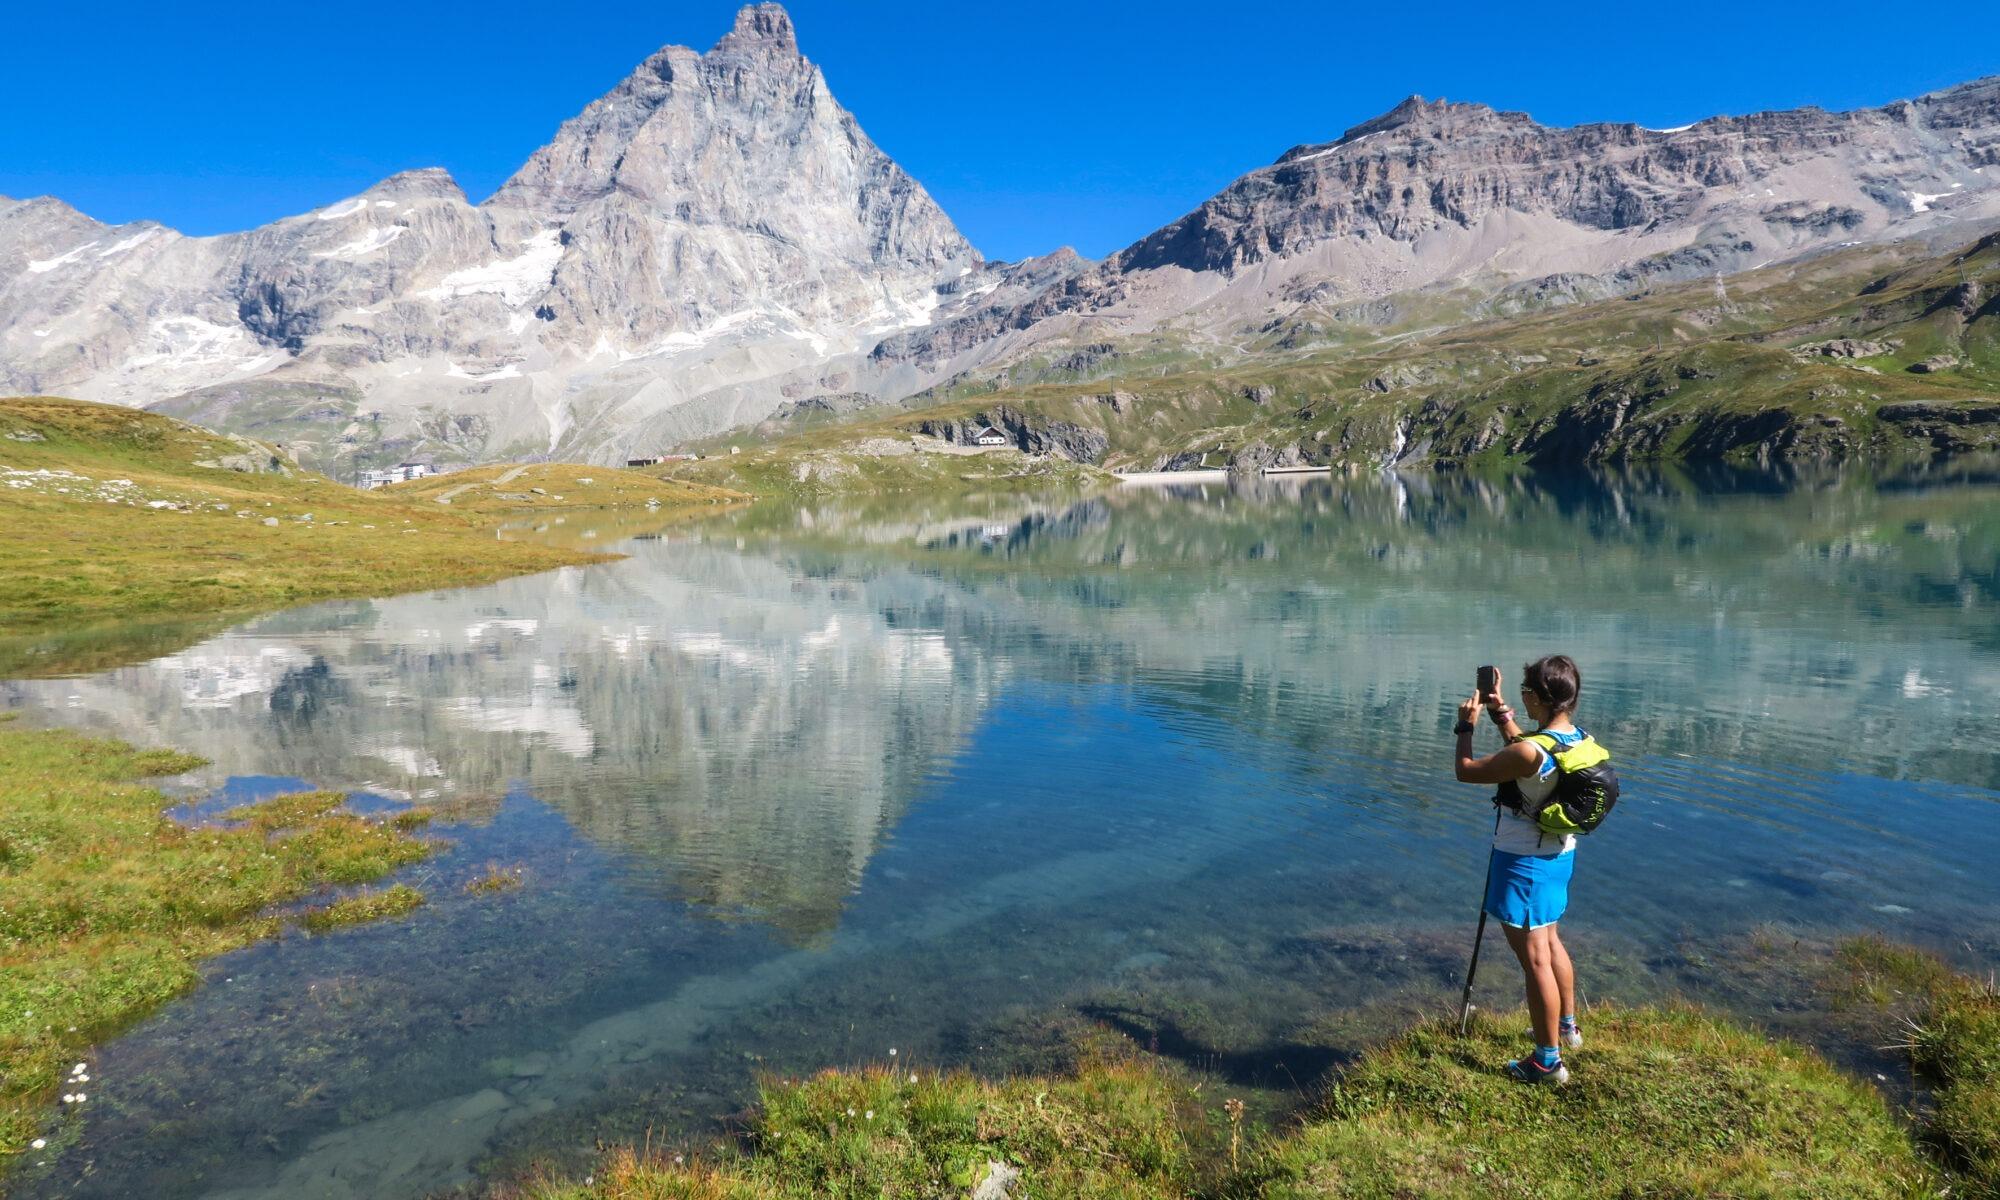 Enrico Romanzi Regione Autonoma Valle d'Aosta